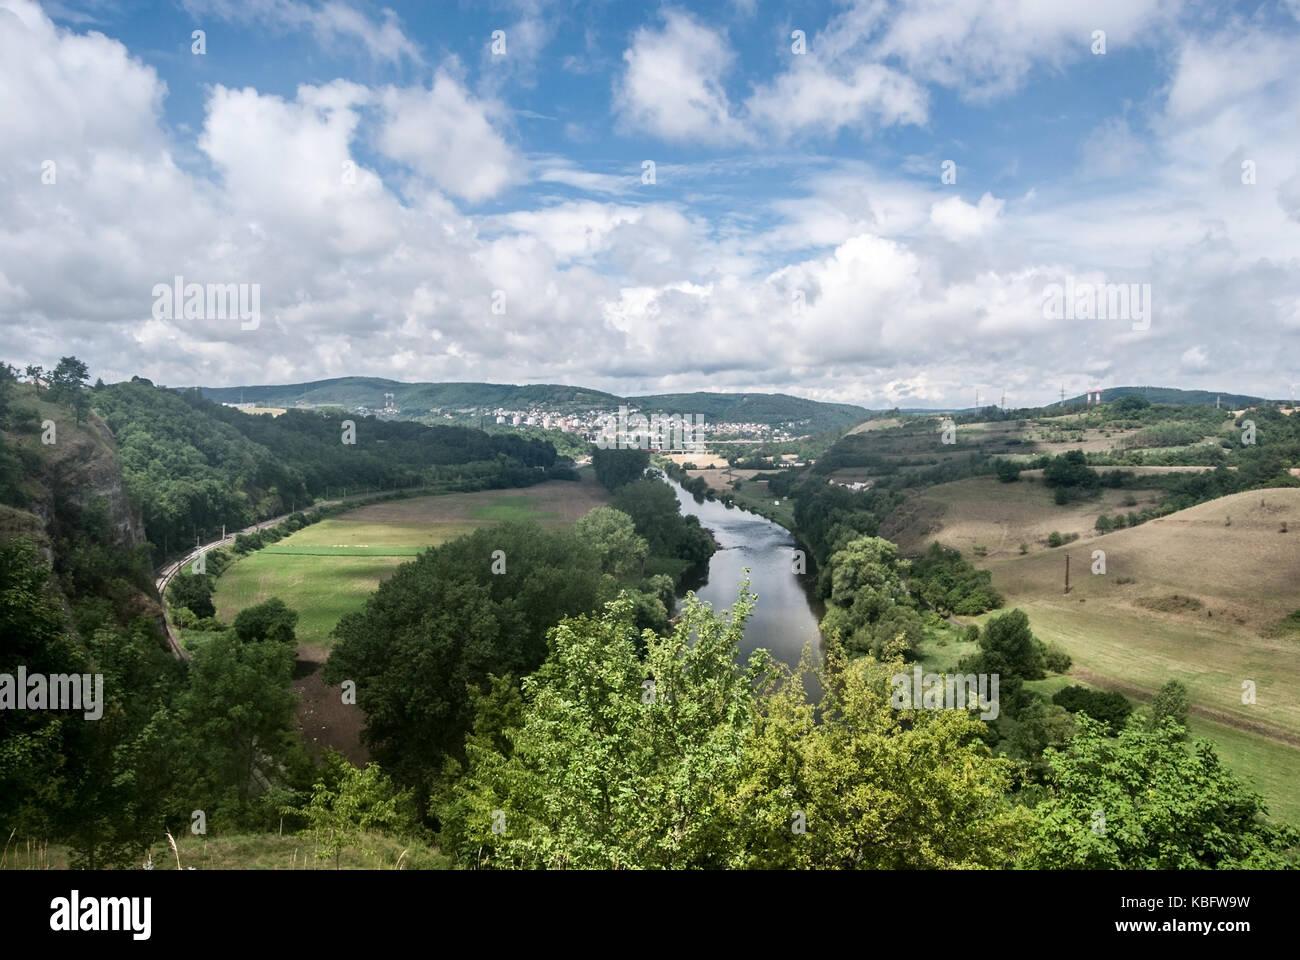 La rivière Berounka avec campagne autour de la ville de Beroun, et les collines de l'arrière-plan de tetinska rock skala en Bohême centrale en République tchèque Banque D'Images